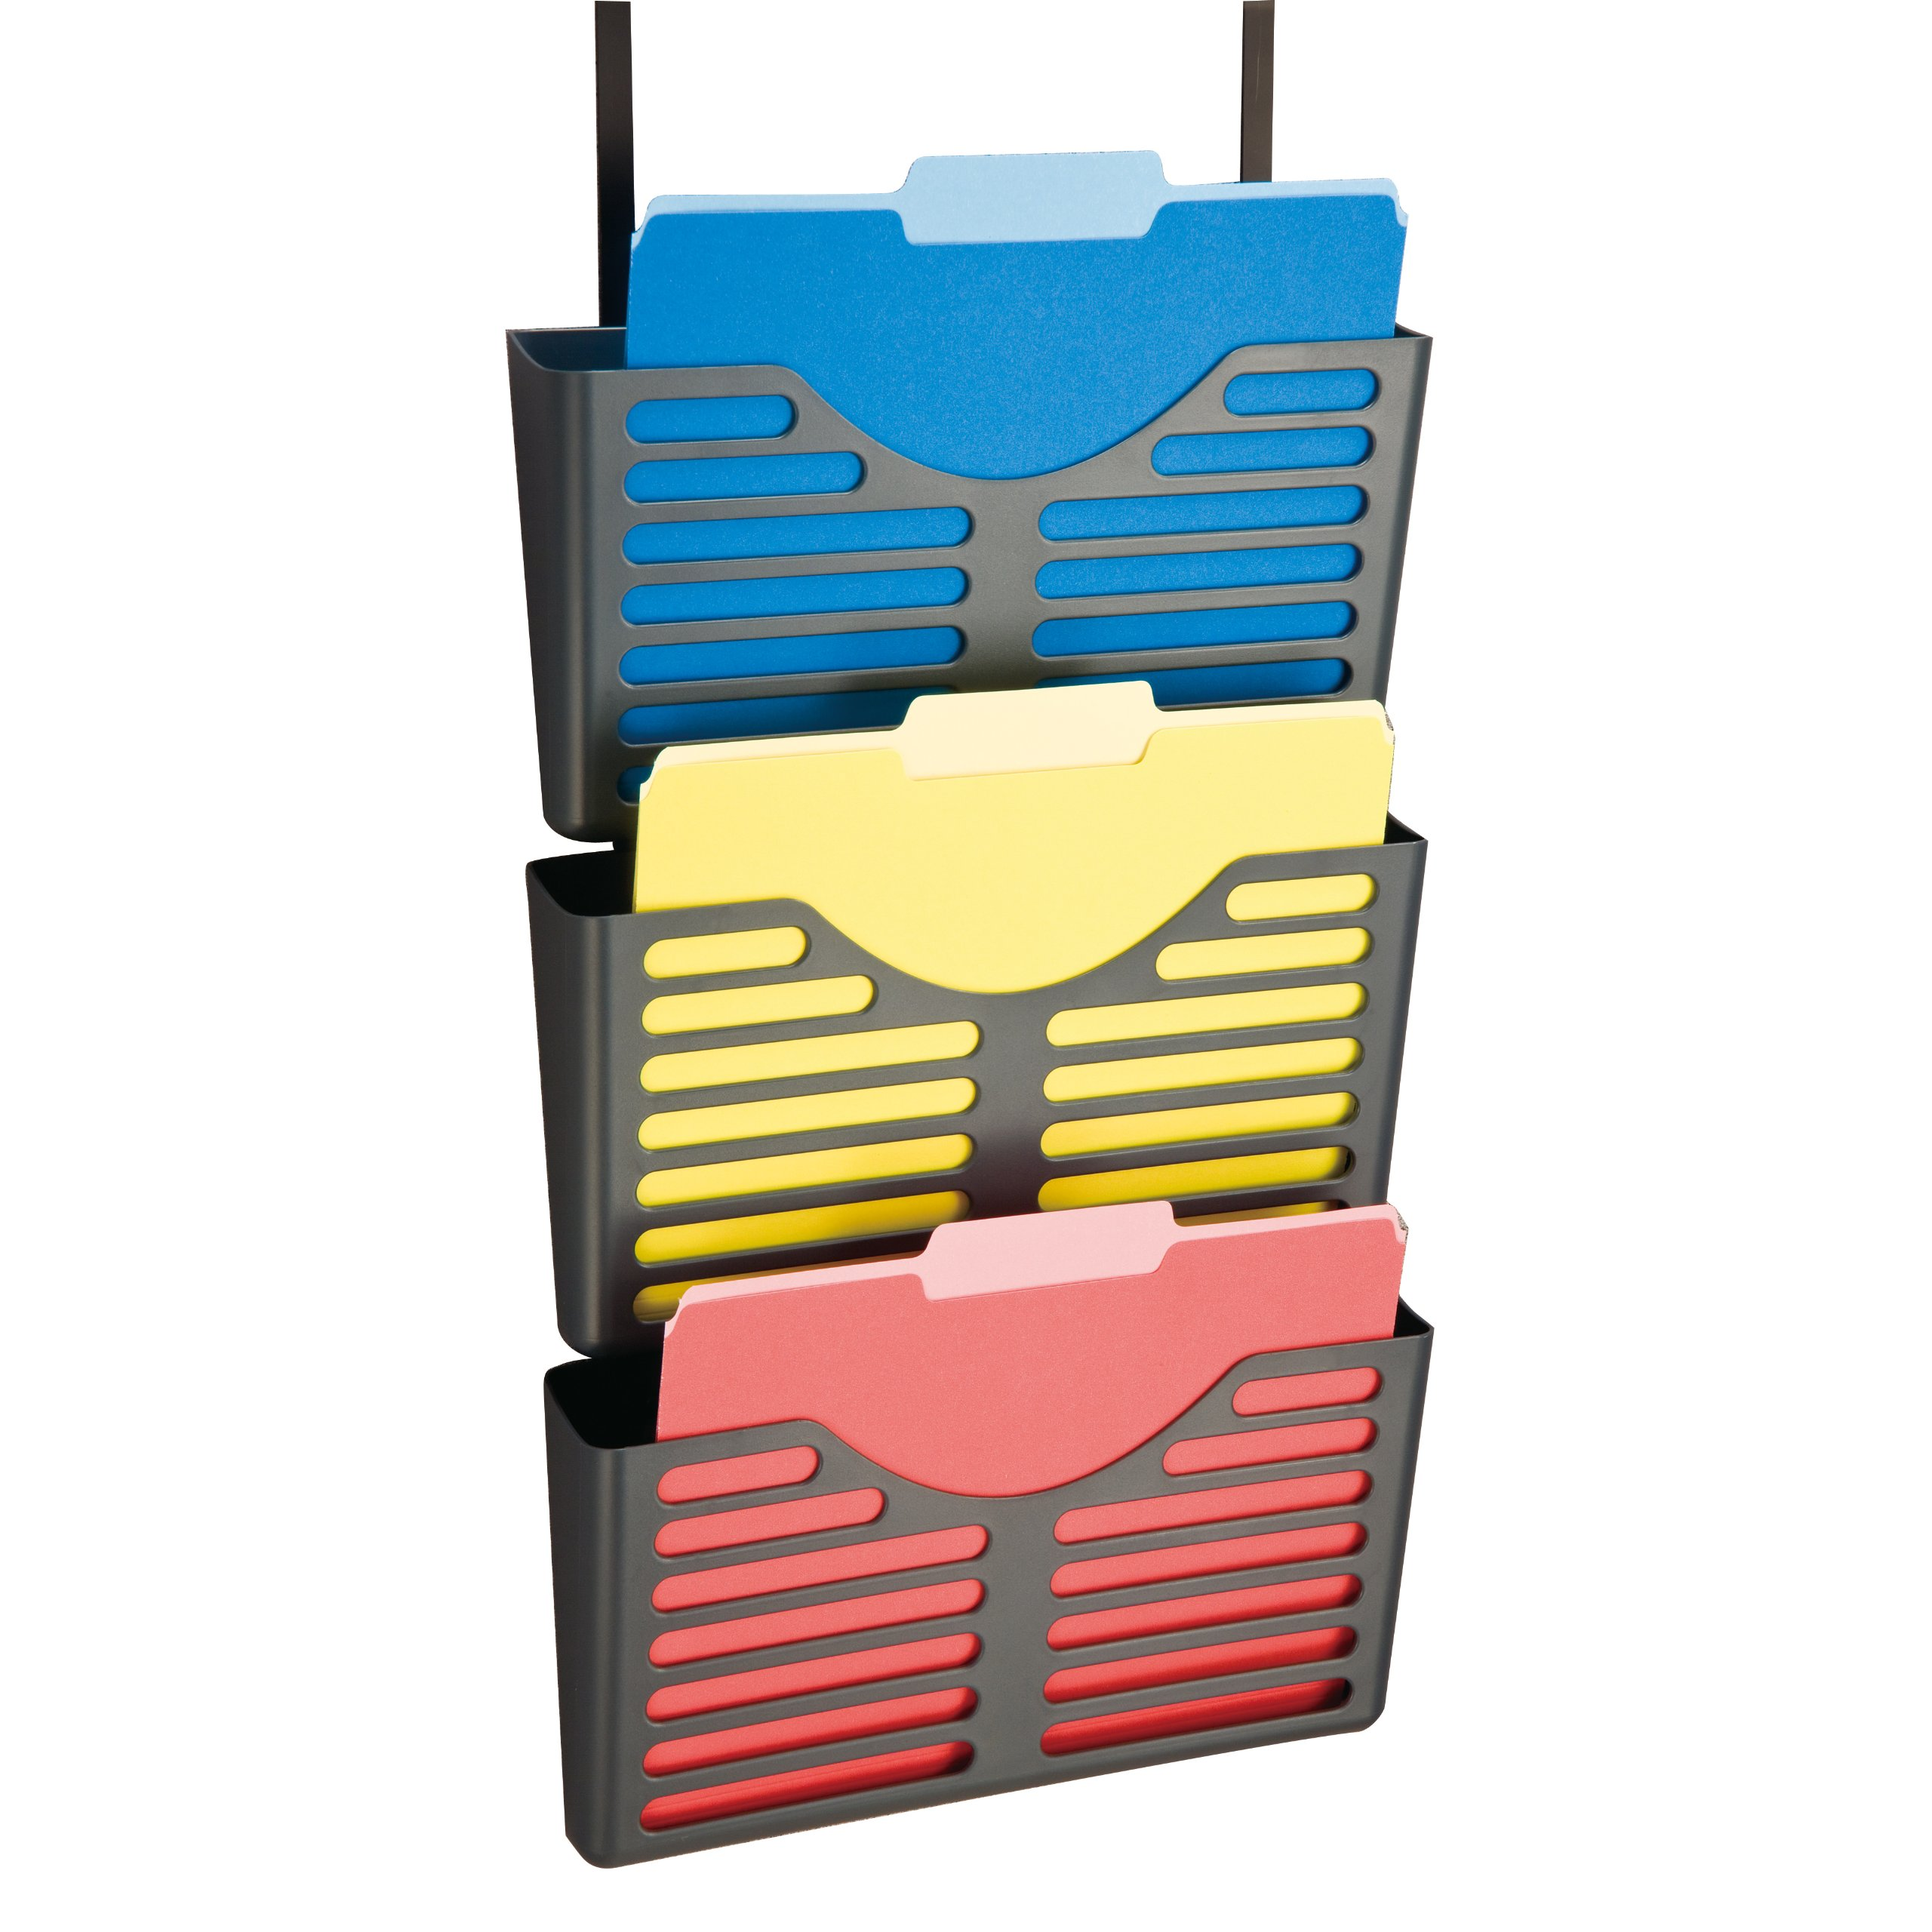 Officemate Verticalmate file Pocket con gancio, colore grigio, 3pezzi (29314)